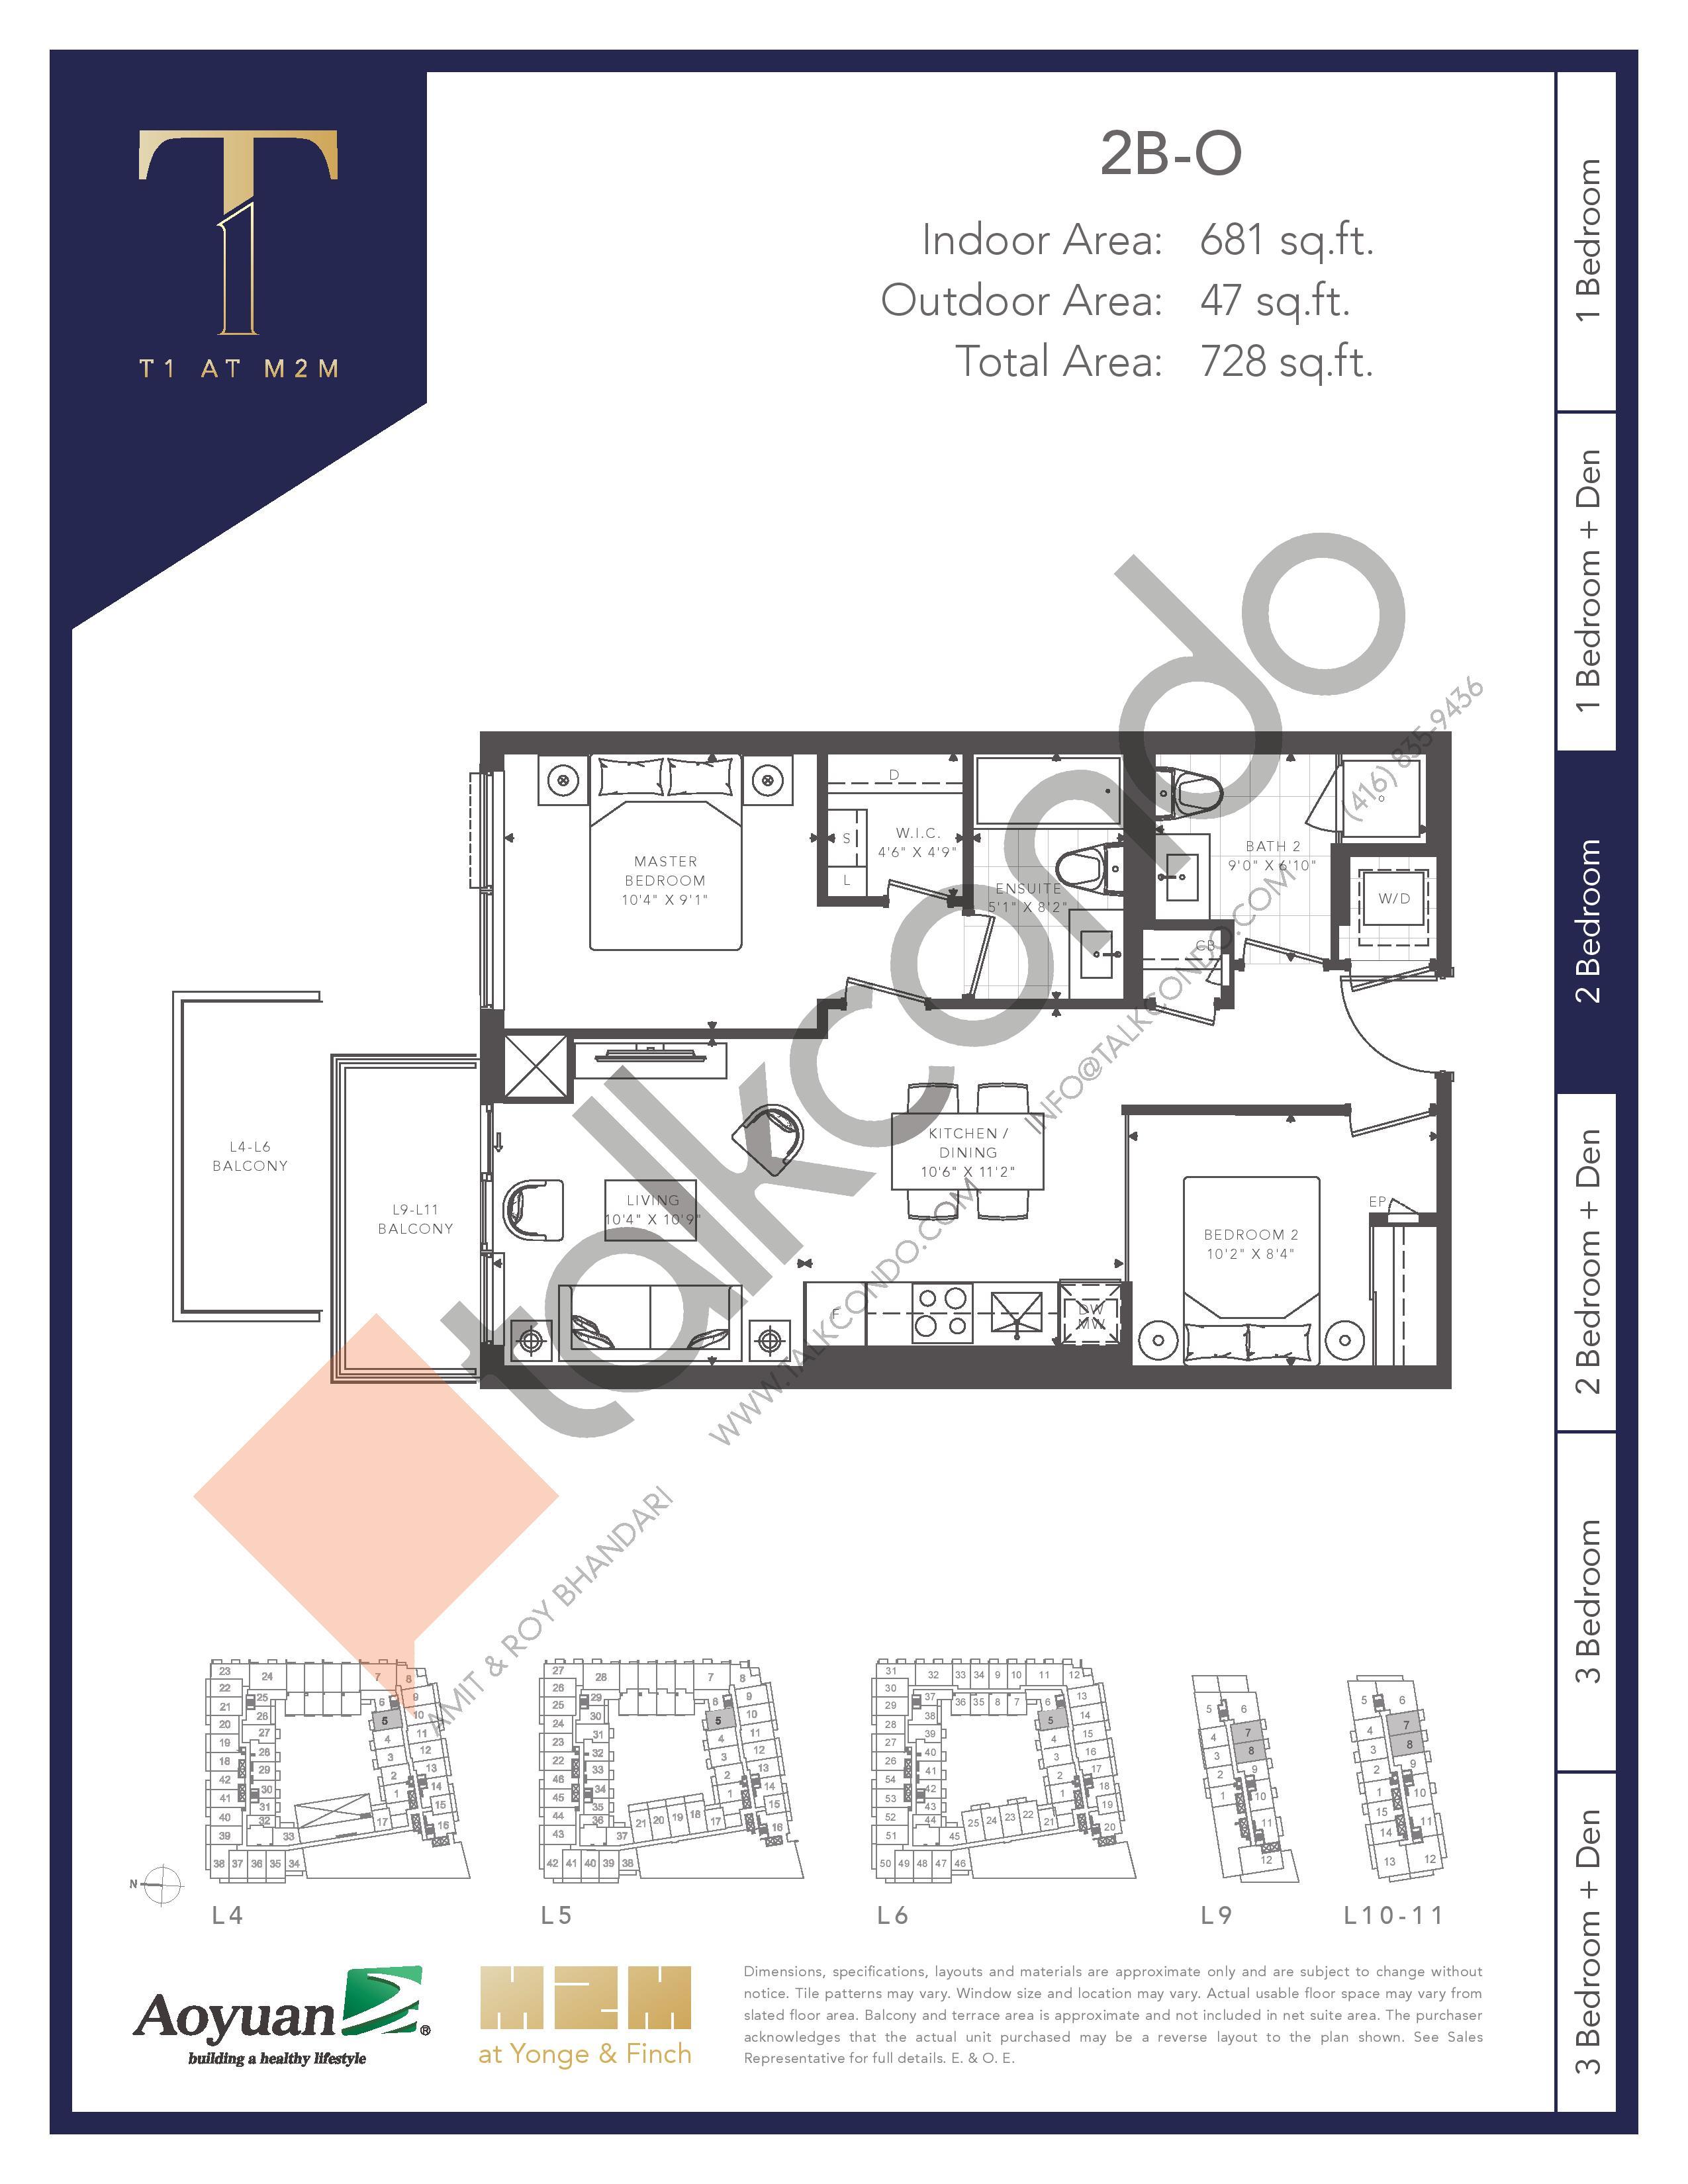 2B-O (Tower) Floor Plan at T1 at M2M Condos - 681 sq.ft